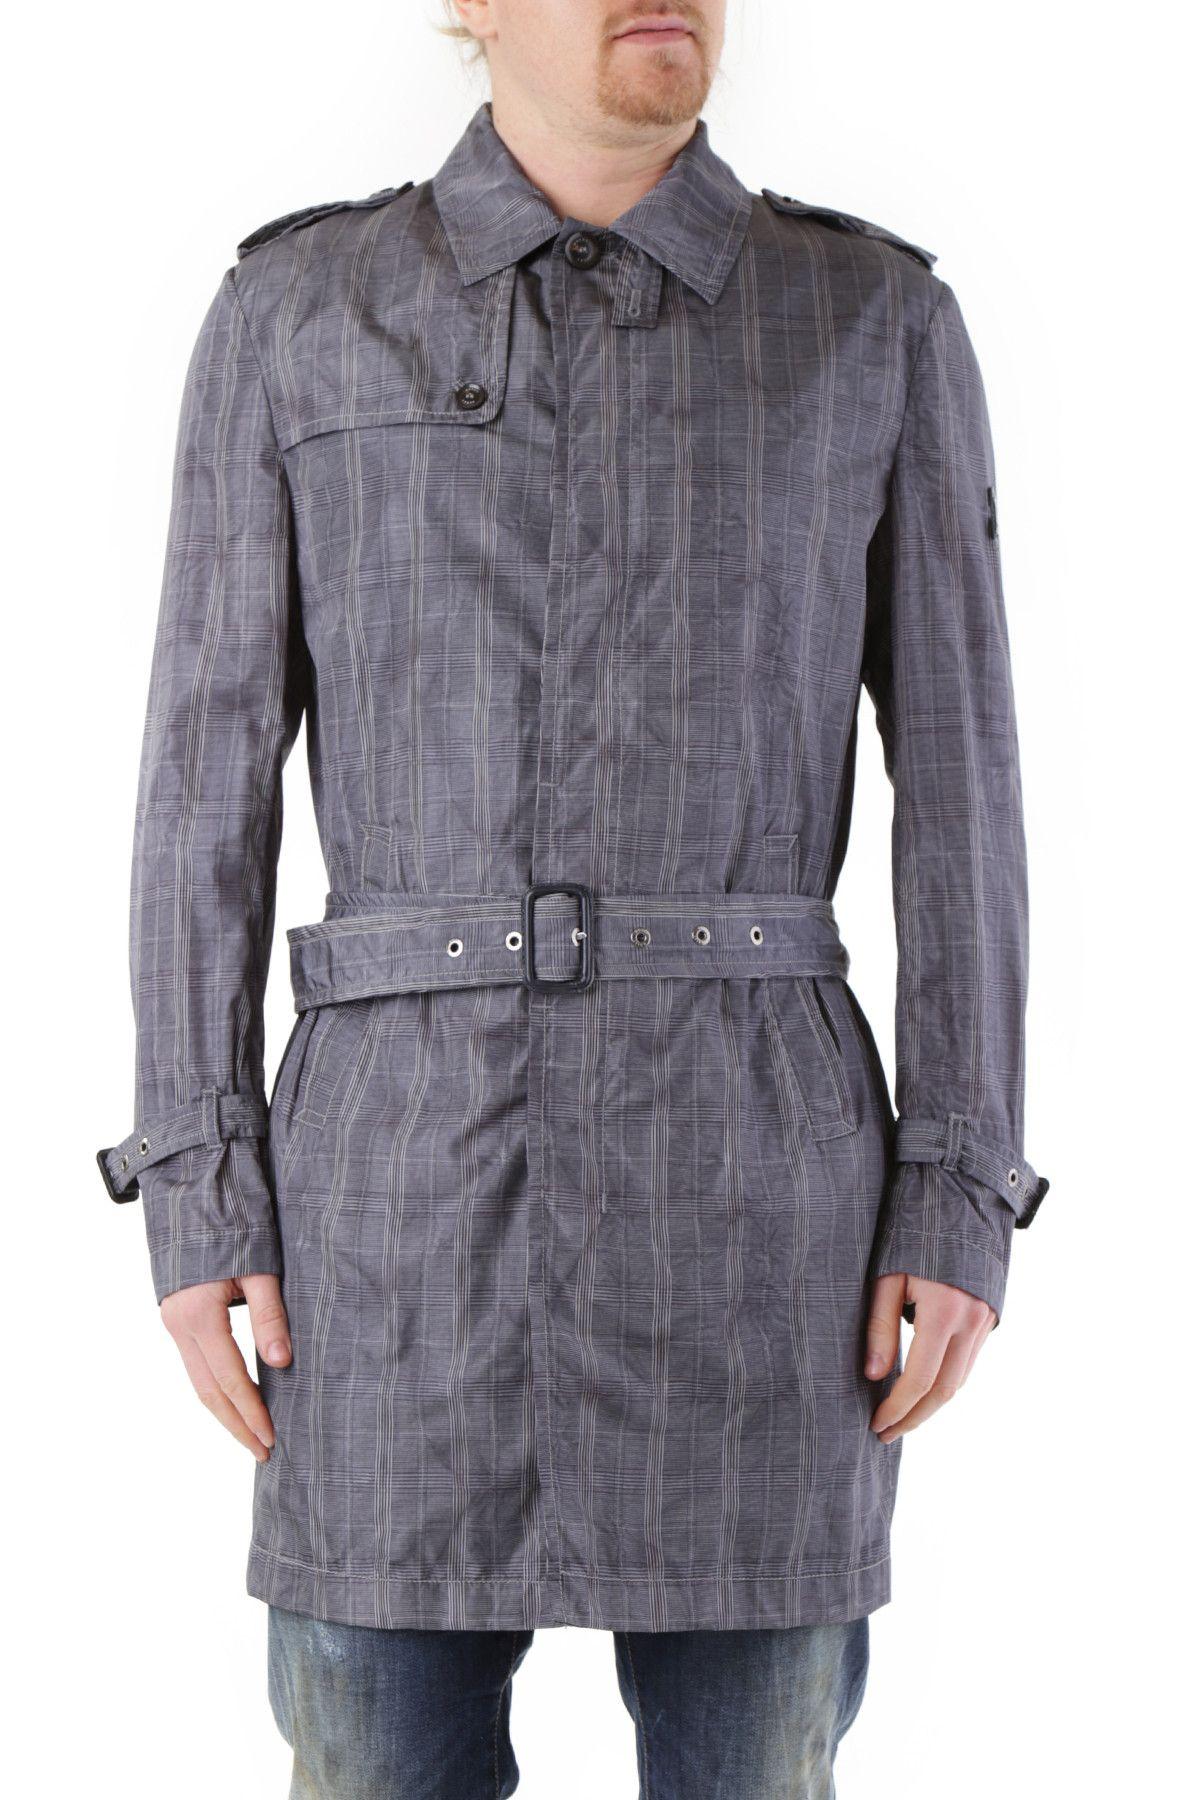 Husky Men's Jacket In Grey